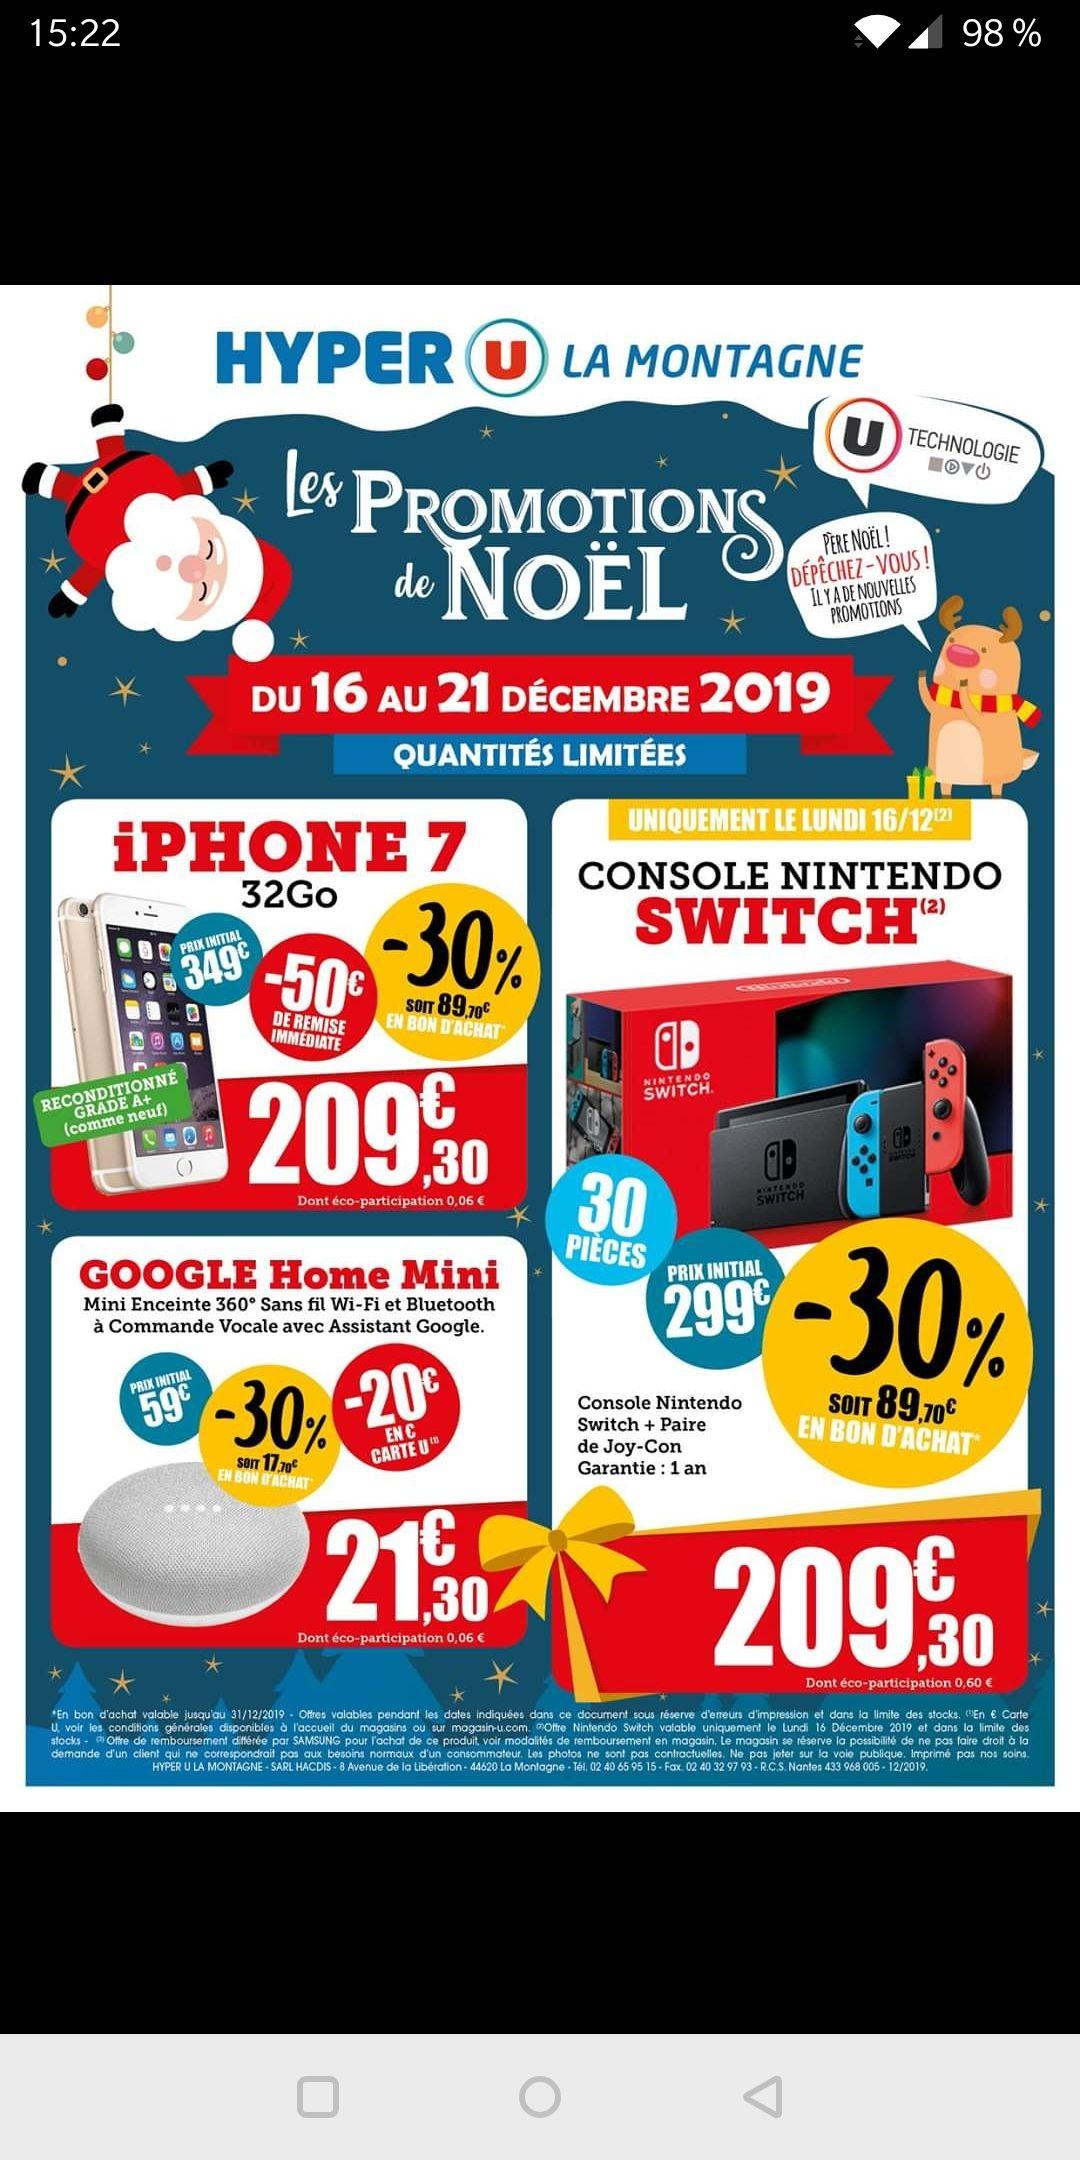 Sélection d'articles en promotion - Ex: Console Nintendo Switch (via 89.7€ en bon d'achat) - La Montagne (44)